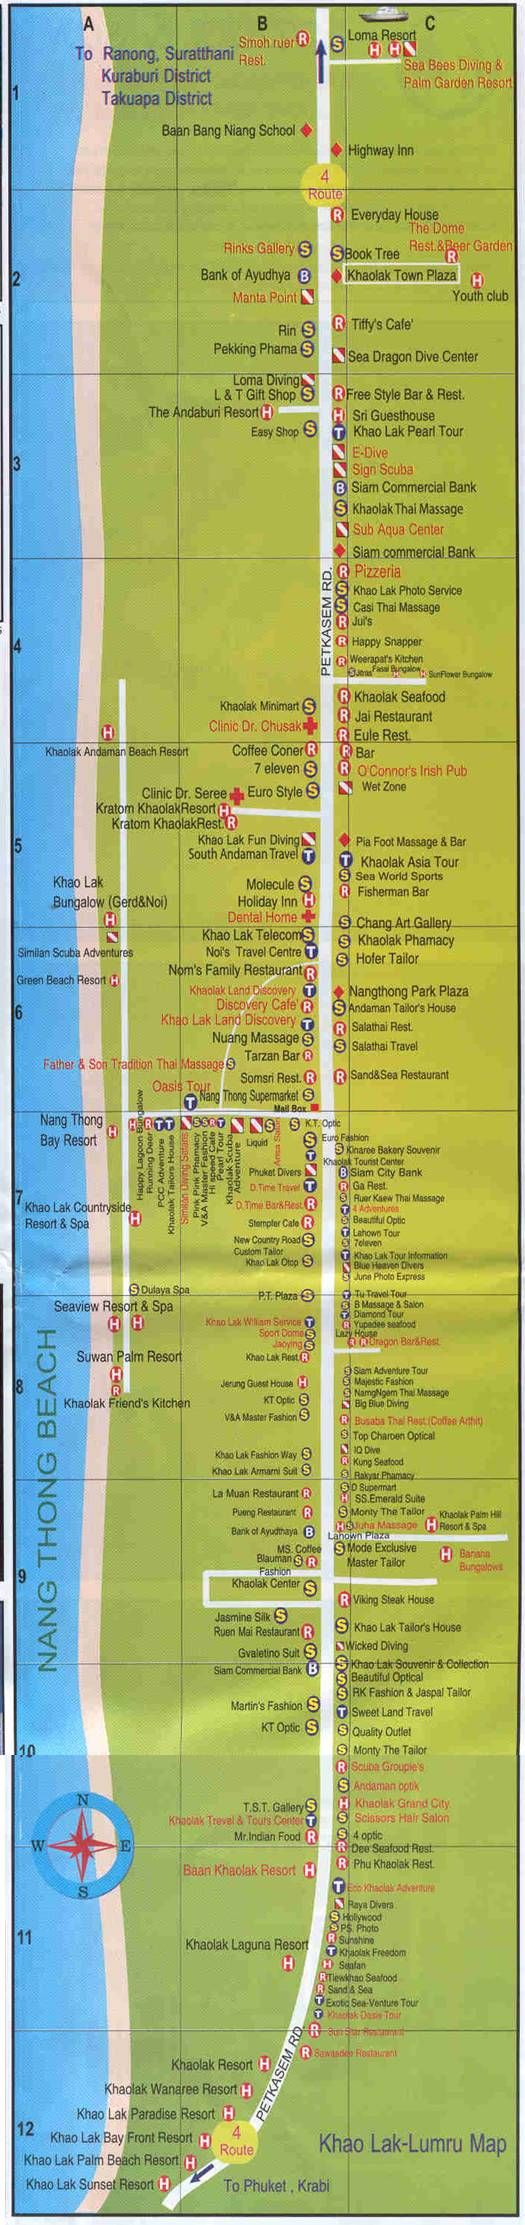 Nang Thong Beach Map of Khao Lak Khaolak Town area, Thailand